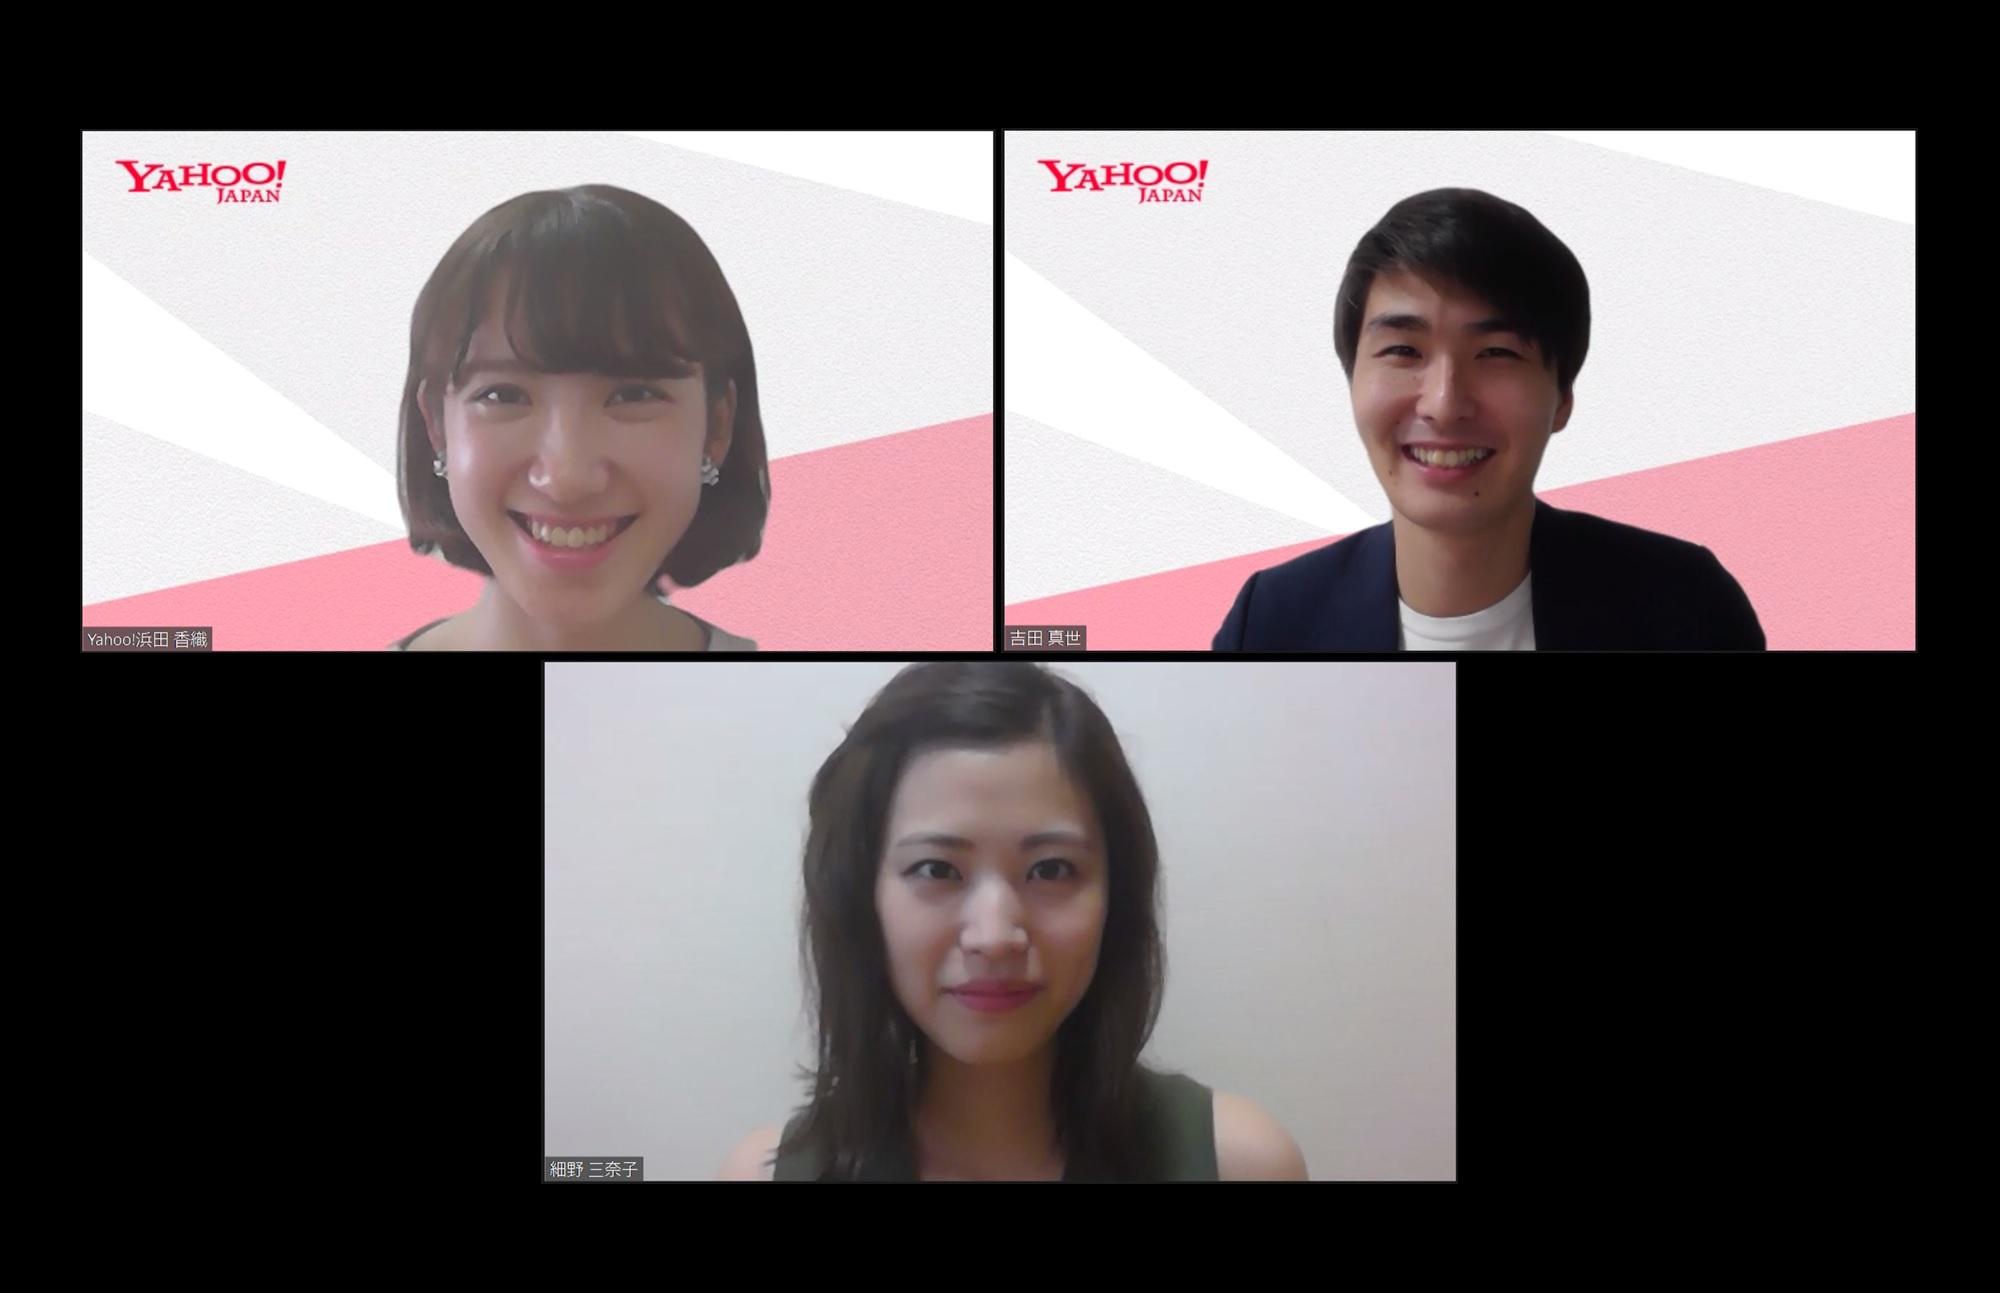 メディア営業のメンバー3名がオンライン会議システムを使用し、取材を行っている様子